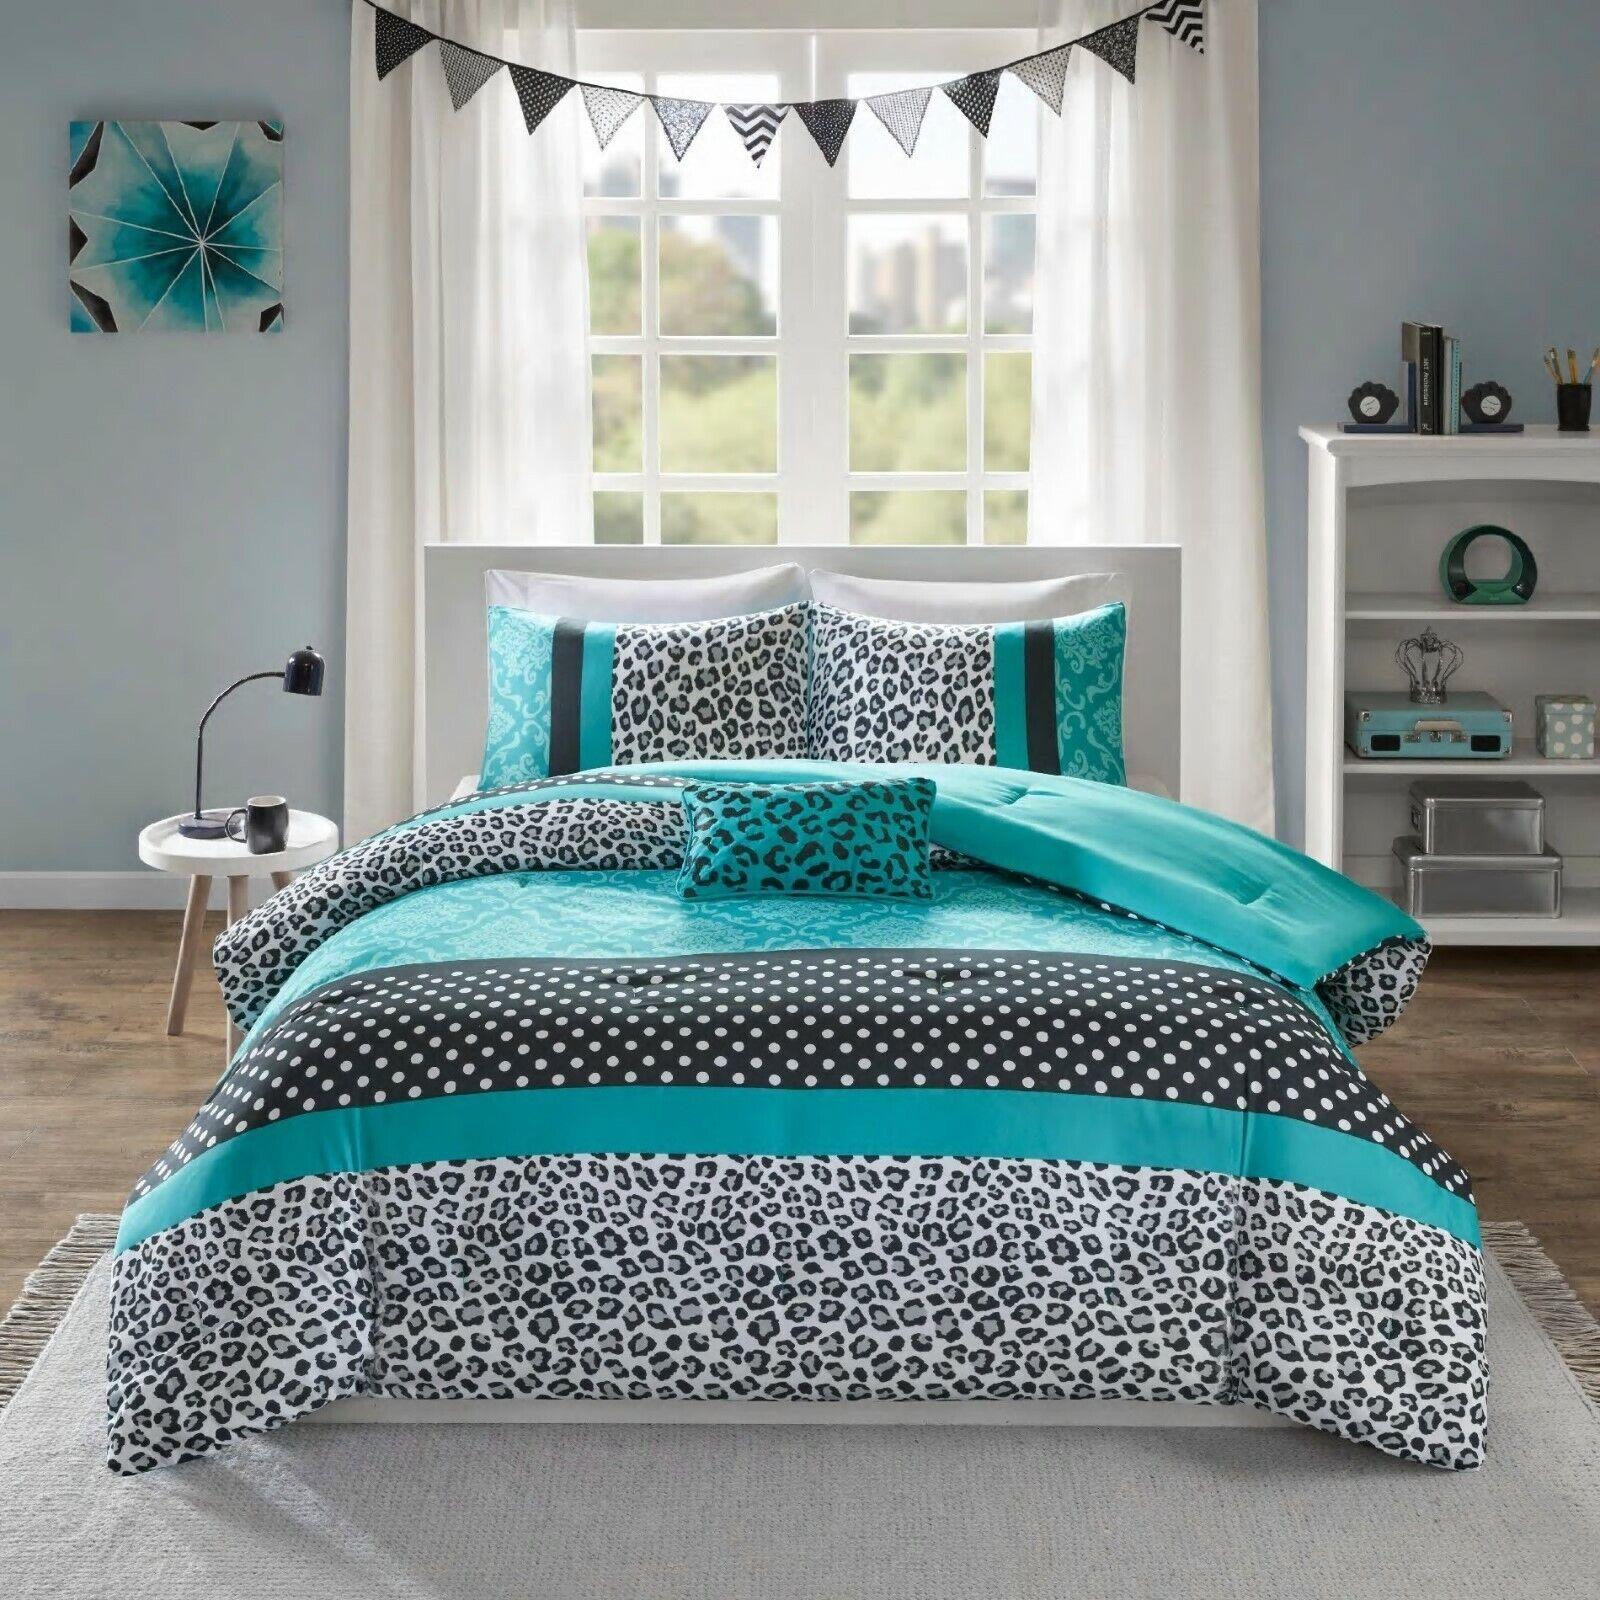 Teen Comforter Set Full Queen Pink Teal Purple Polka Dot Bed Bedding Bedroom For Sale Online Ebay